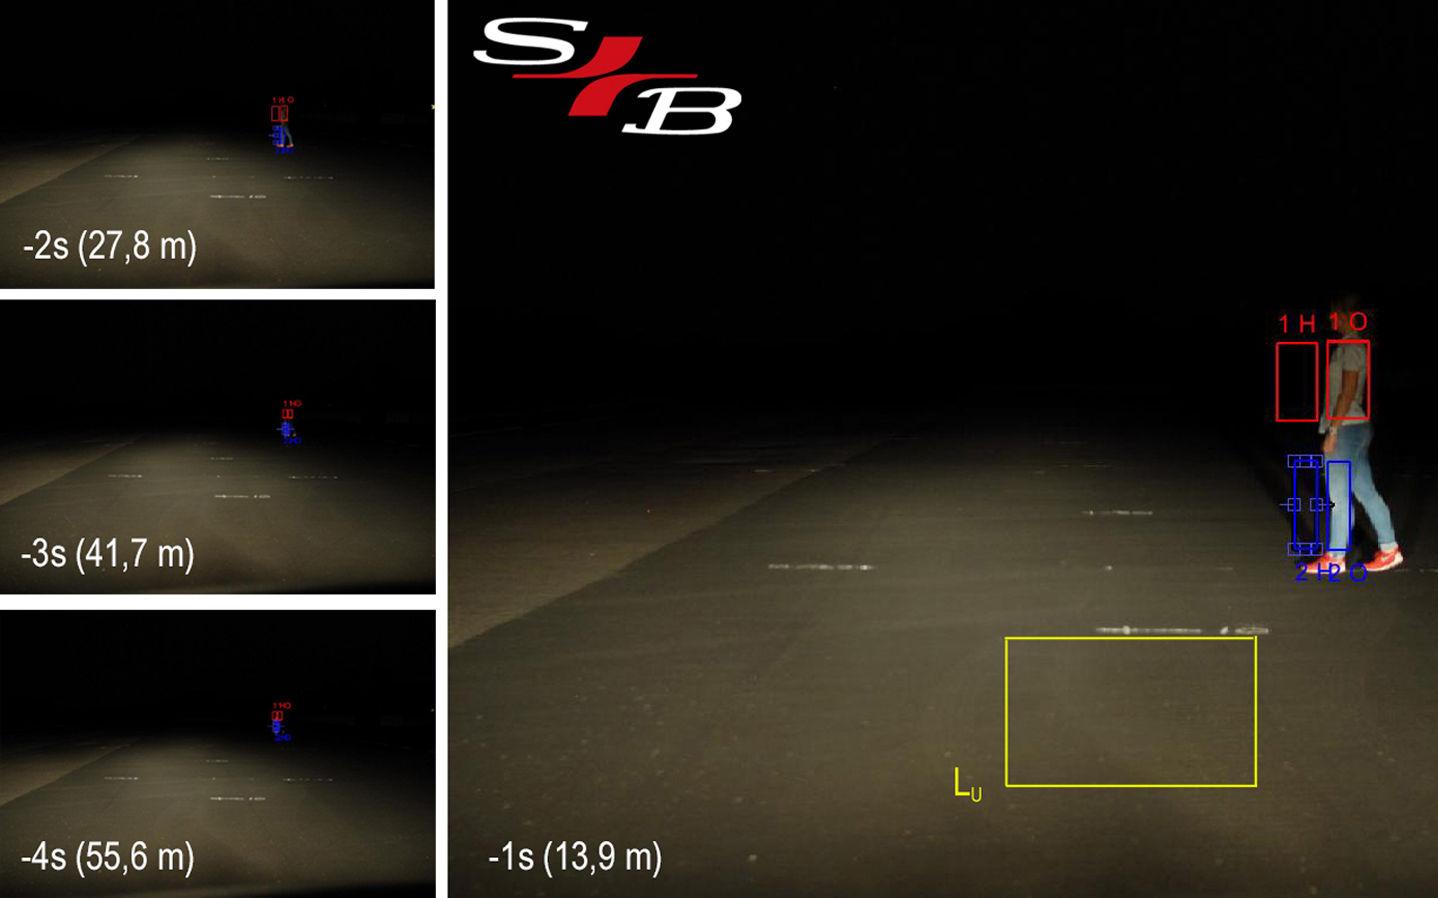 Lichttechnische Untersuchung zur Personenerkennbarkeit bei Dunkelheit.